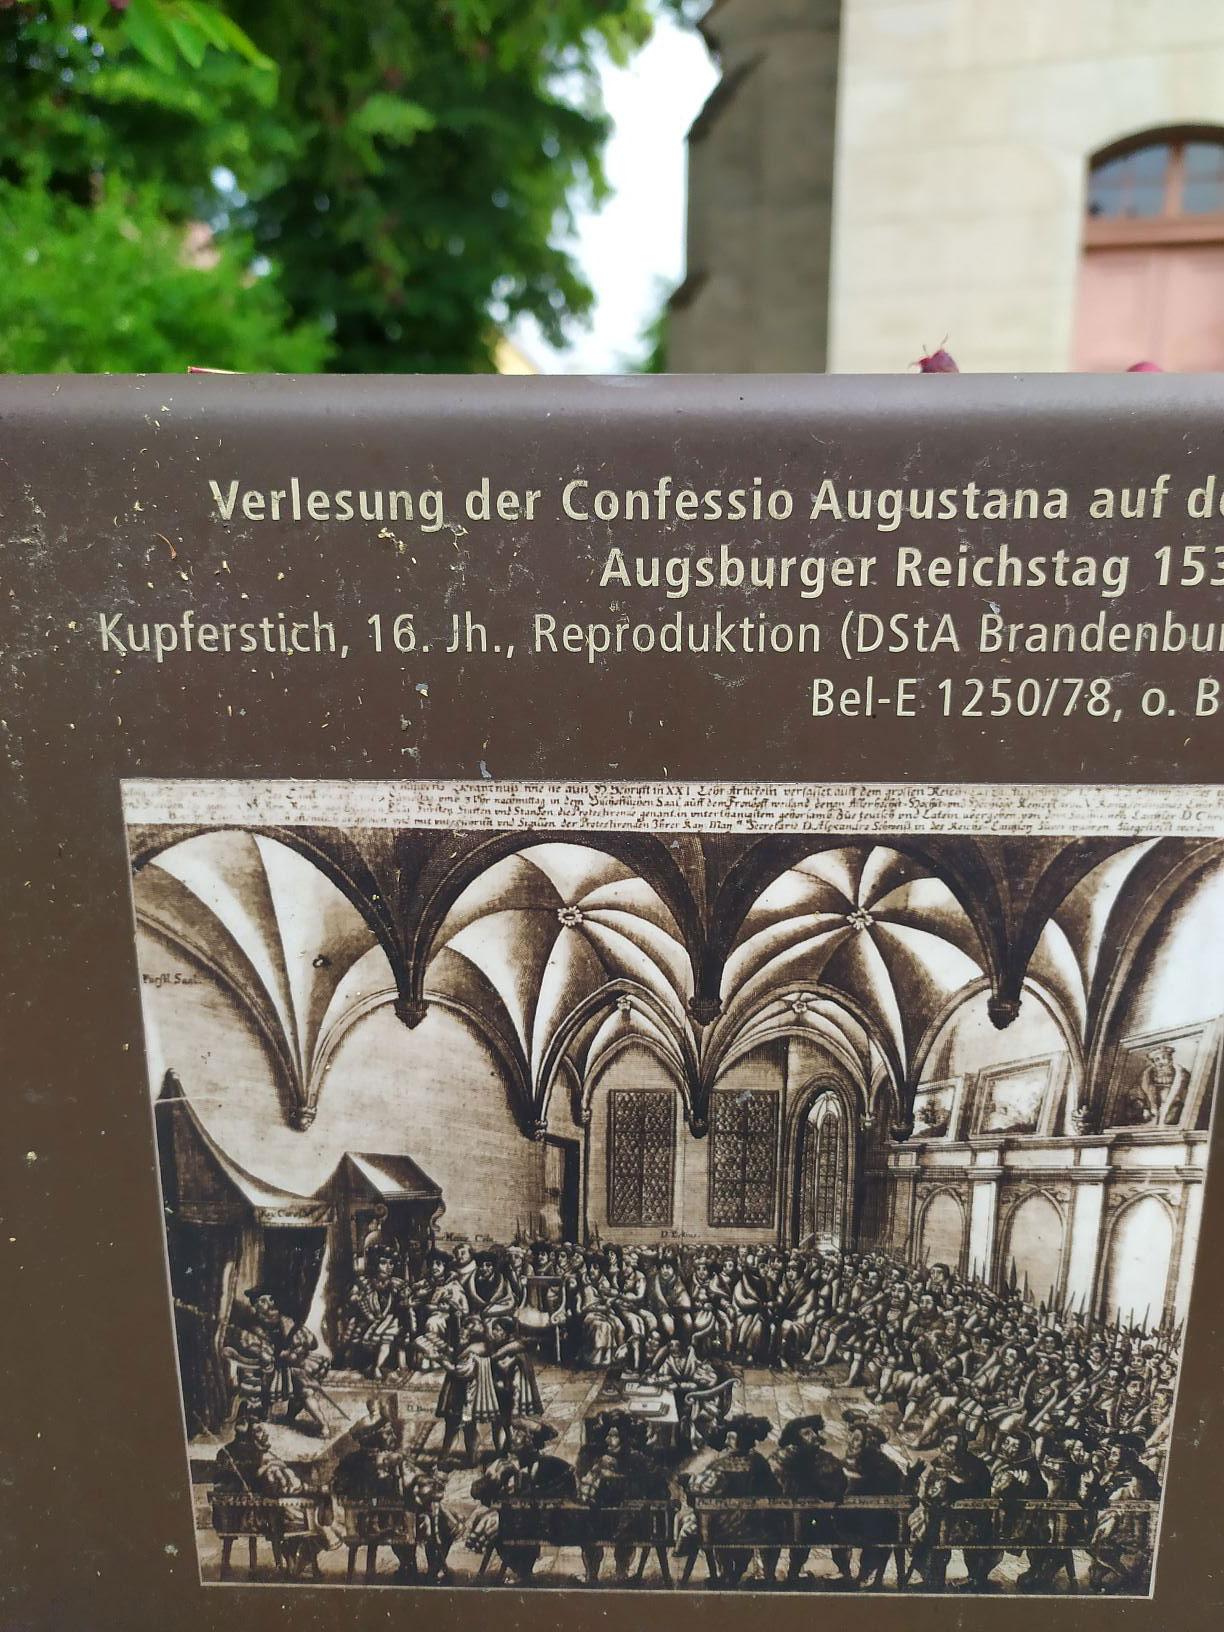 Bild vom Augsburger Reichstag an Stadtmöbel vor der Lambertuskirche